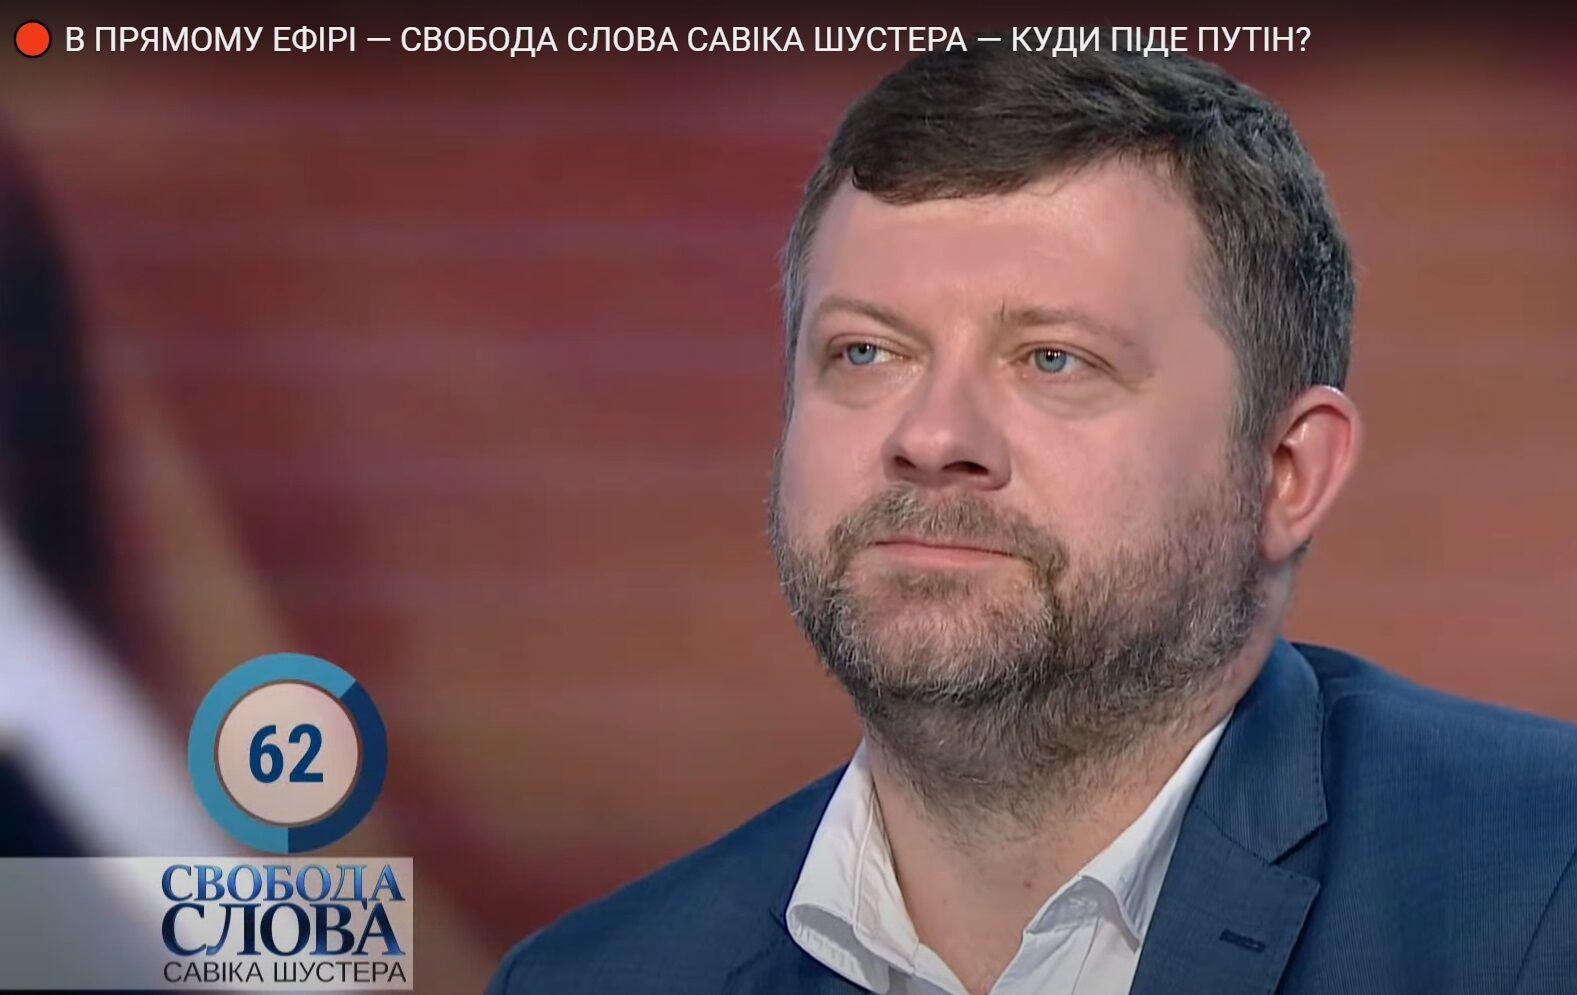 Александр Корниенко.